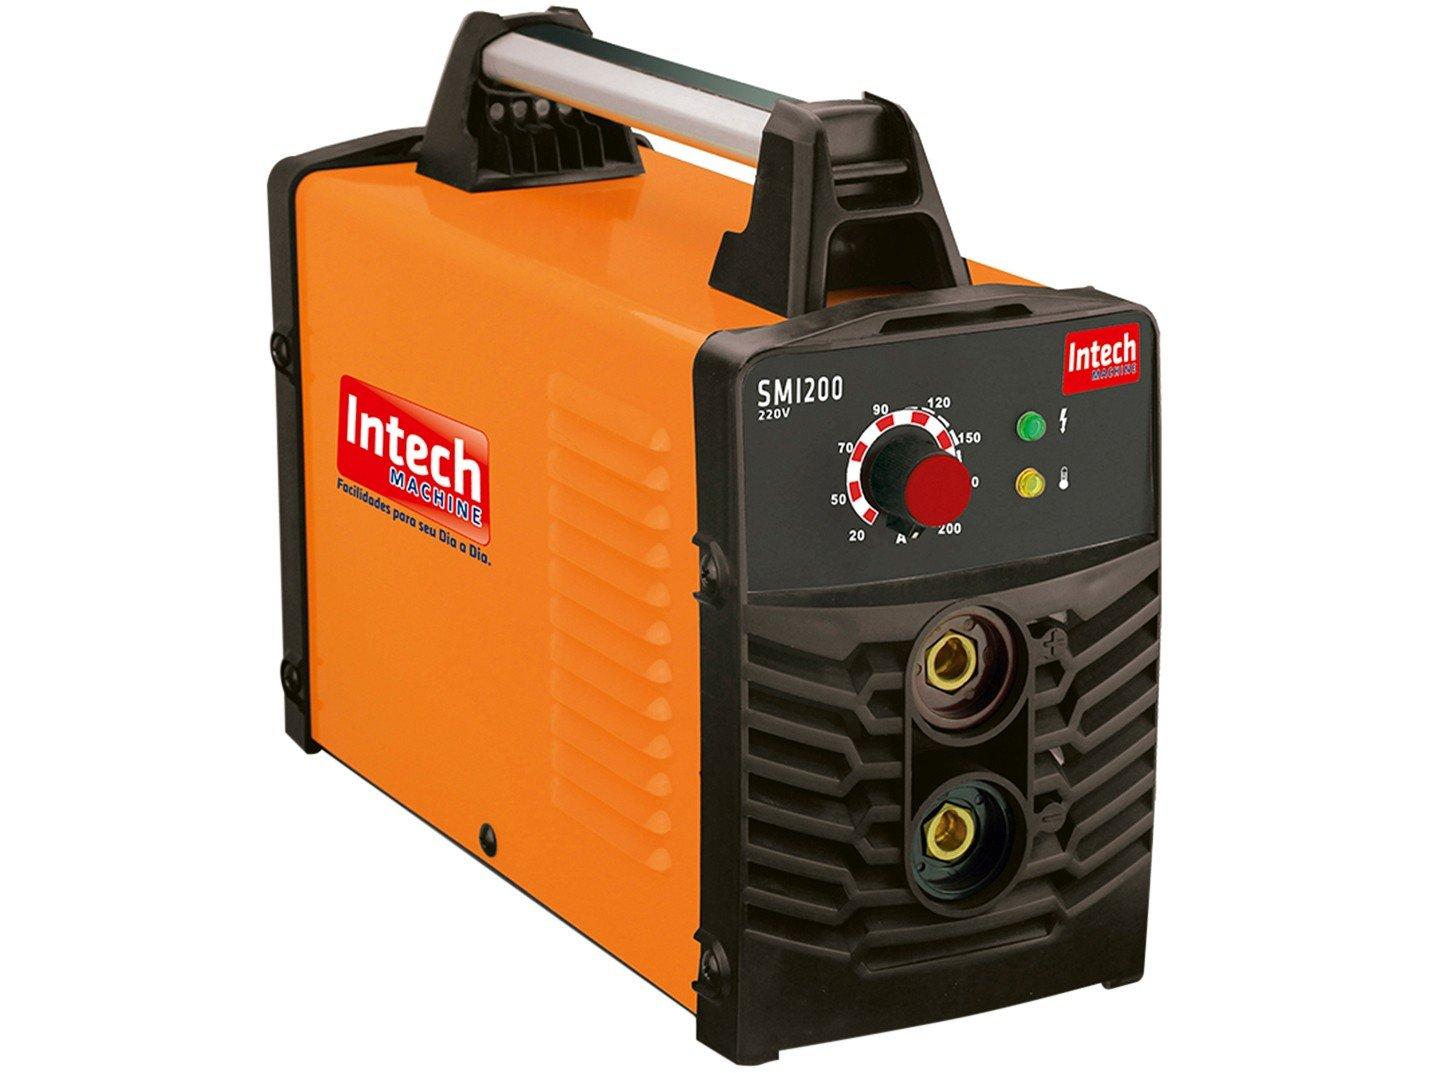 Inversor para Solda Intech Machine SMI200 - 7200W - 220 V